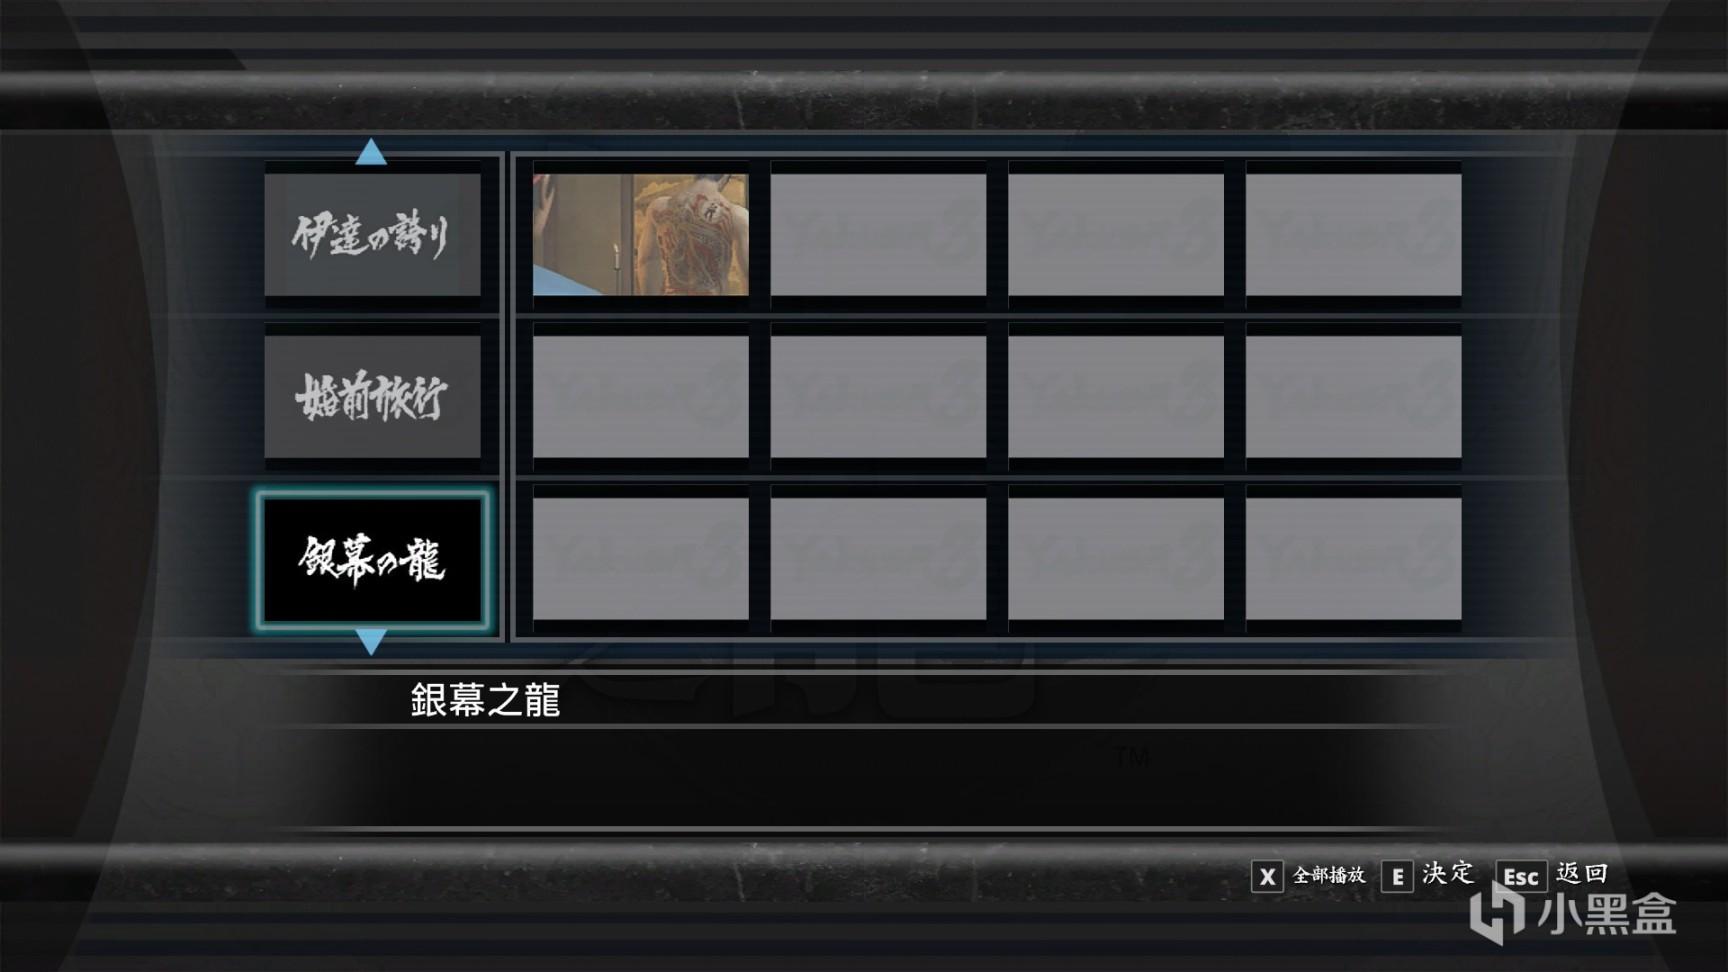 如龙(Yakuza)PC全系列(0~7)游戏介绍及游玩一览(中)插图3